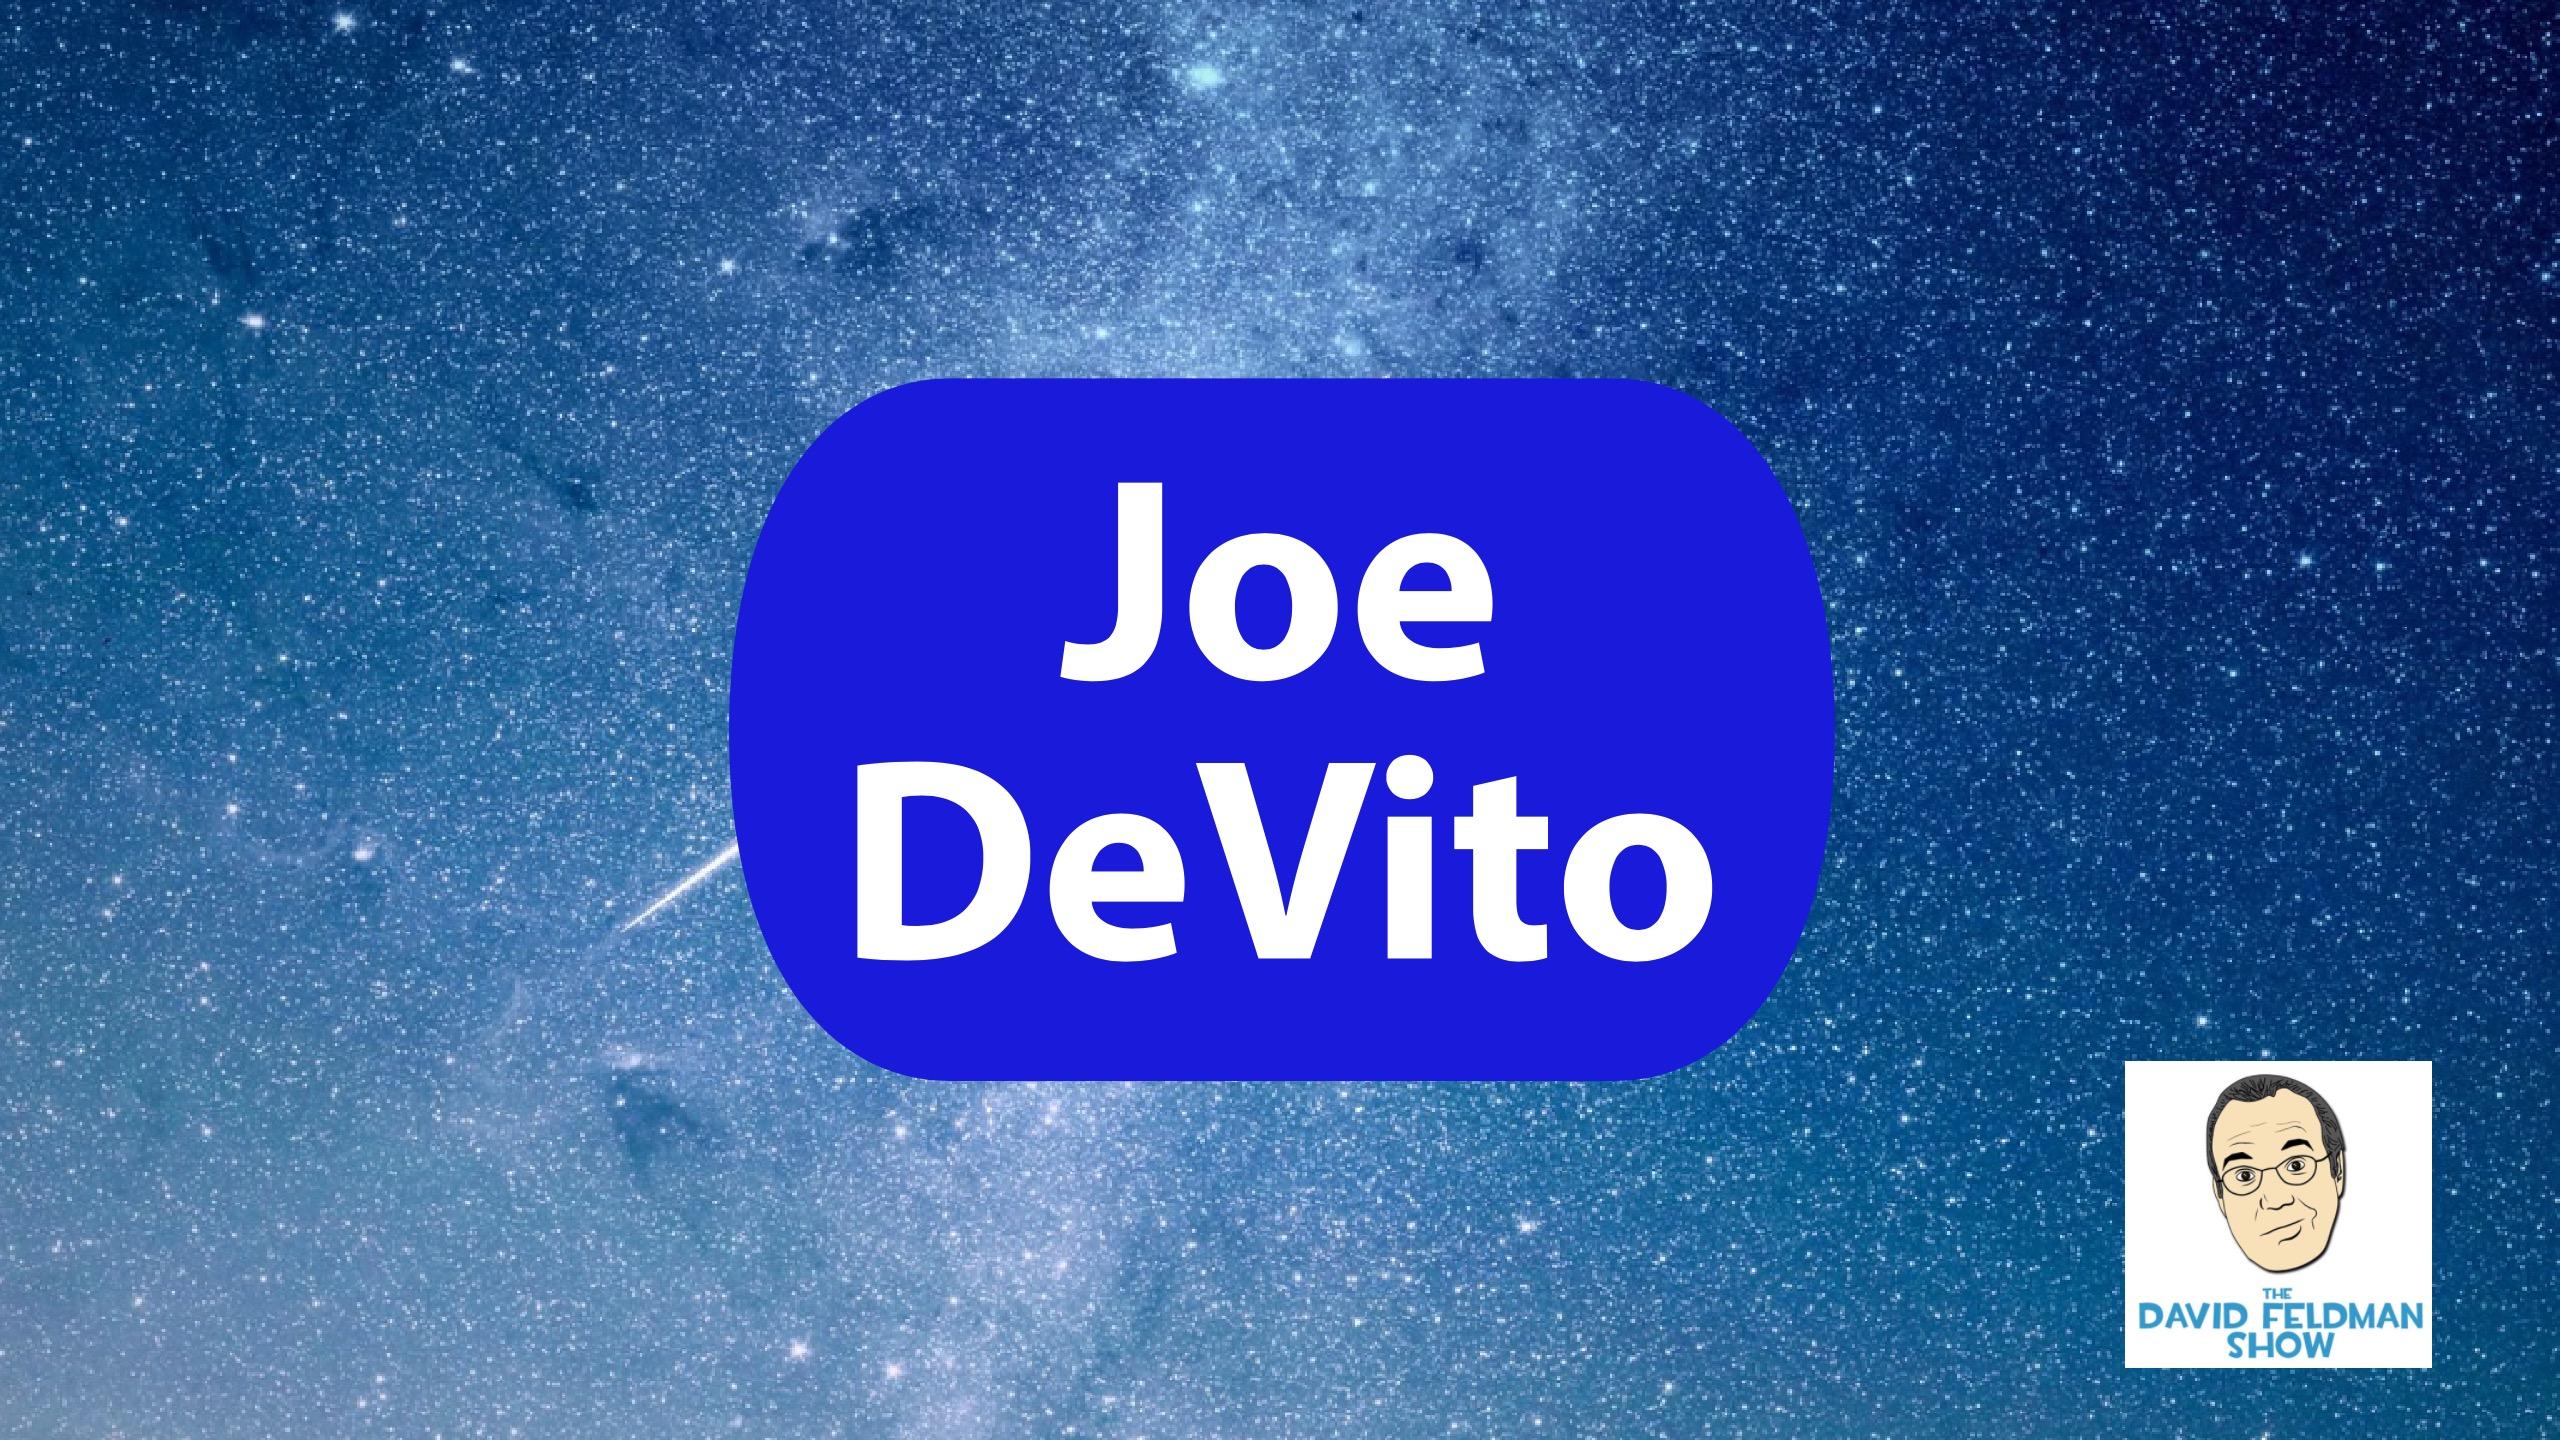 Joe DeVito Bombs in England